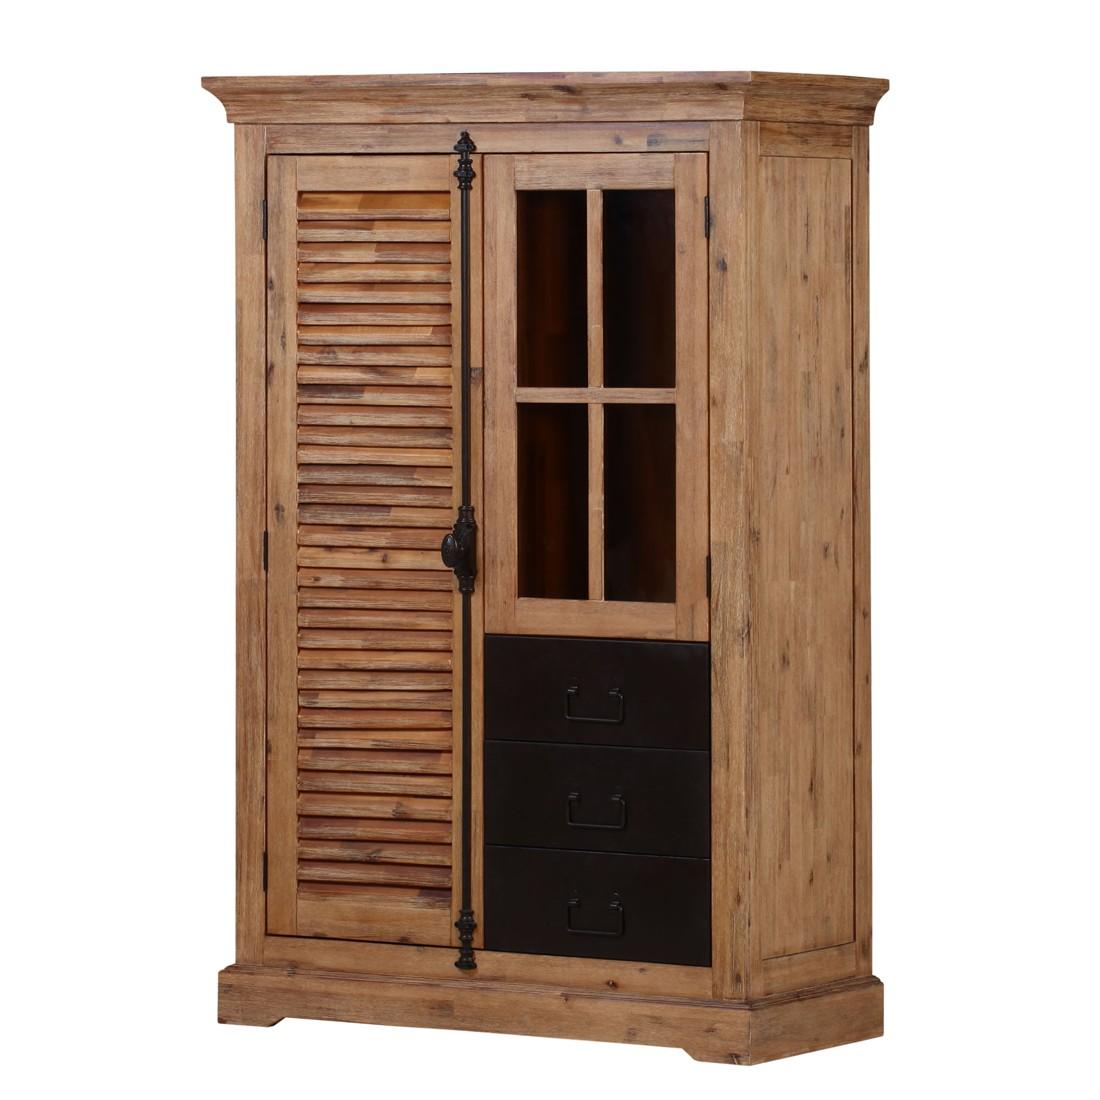 schrank 35 cm tief preisvergleiche erfahrungsberichte. Black Bedroom Furniture Sets. Home Design Ideas